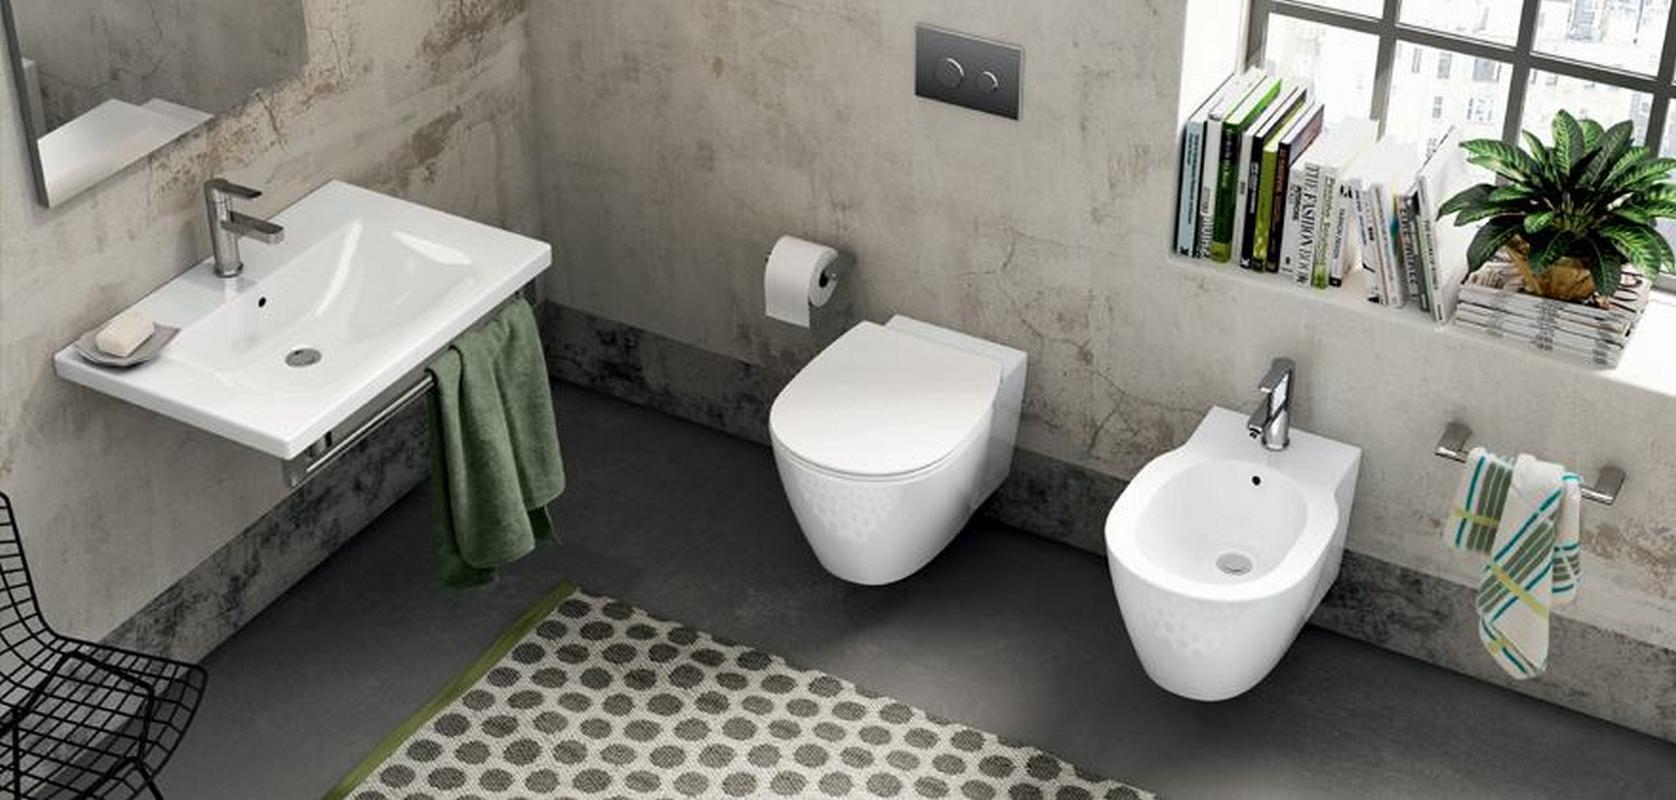 Arredobagno bologna amazing accessori accessori bagno - Arredo bagno moderno economico ...